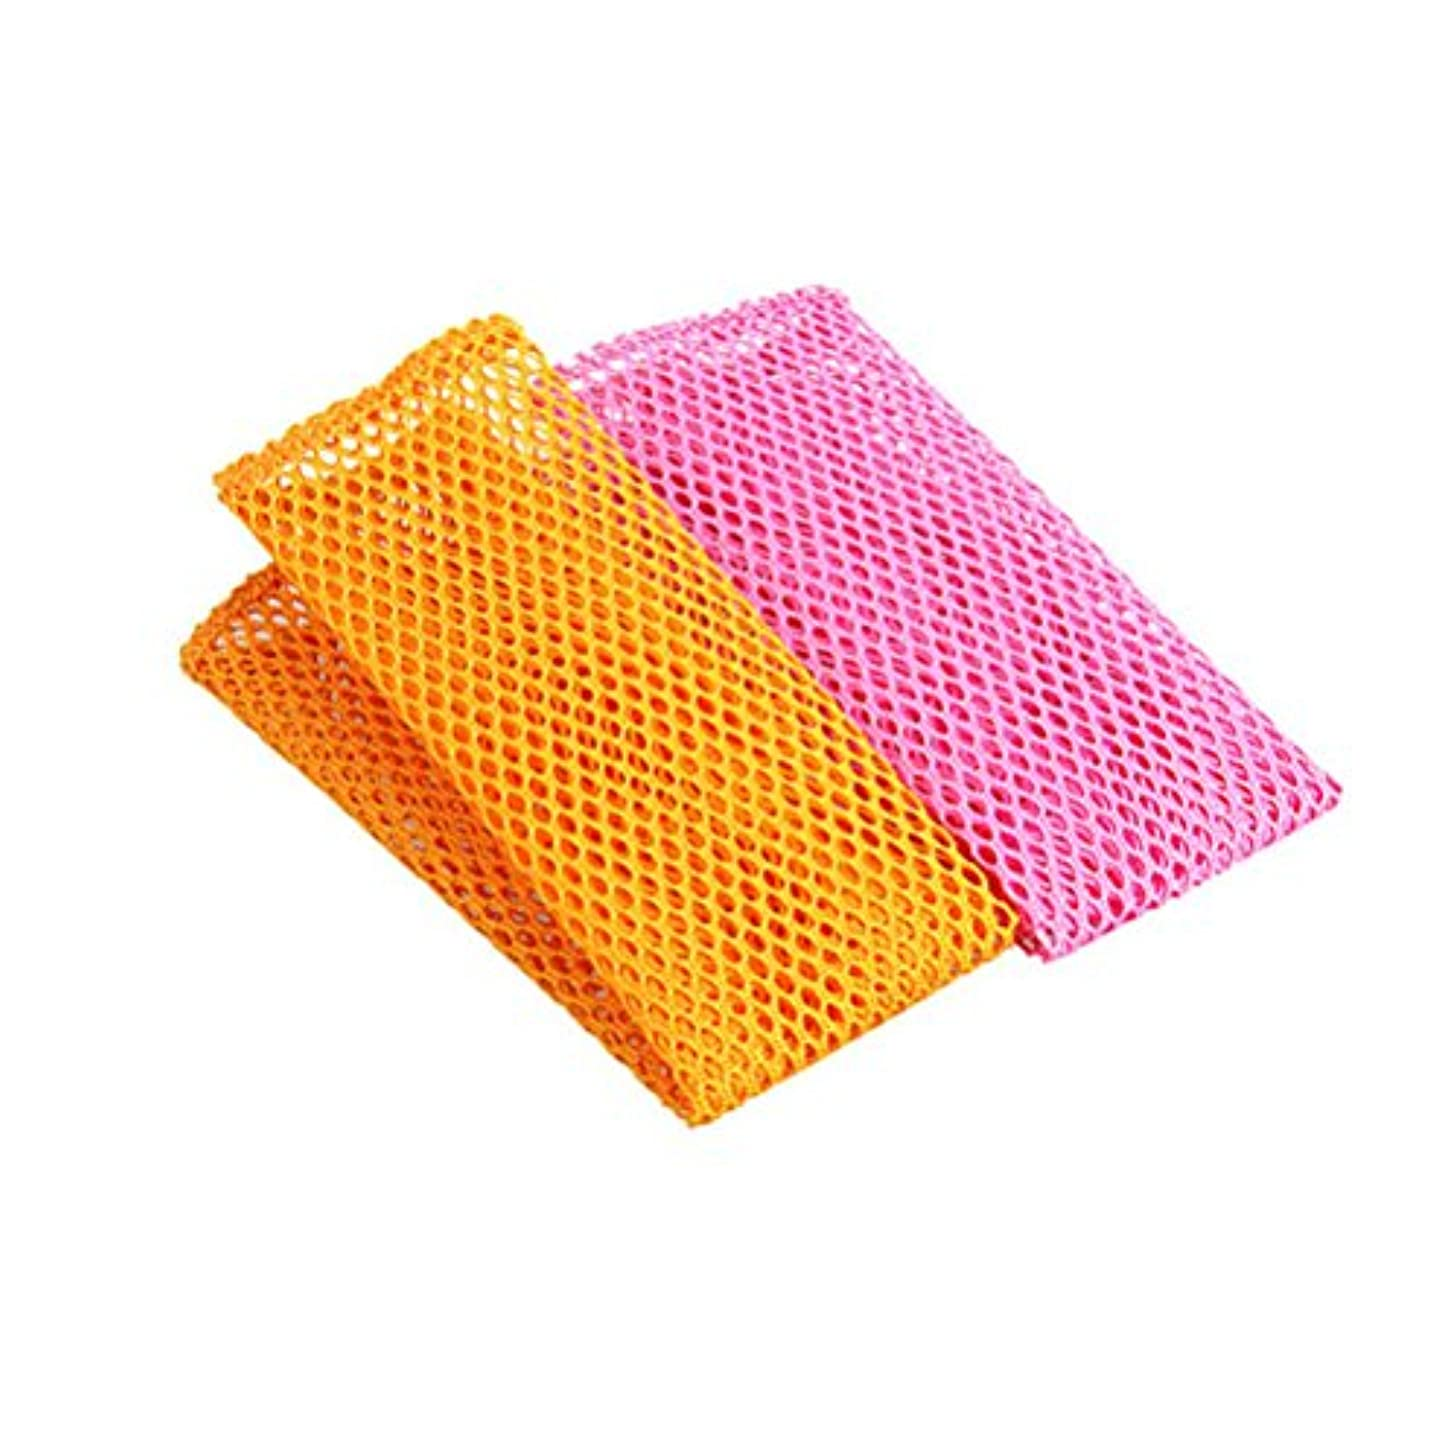 小麦粉甘くする学習者BESTONZON 8ピース革新的な皿洗いネット布急速乾燥スクーラーinodoreメッシュ洗濯布キッチンクリーニング布 - 黄色+ピンク